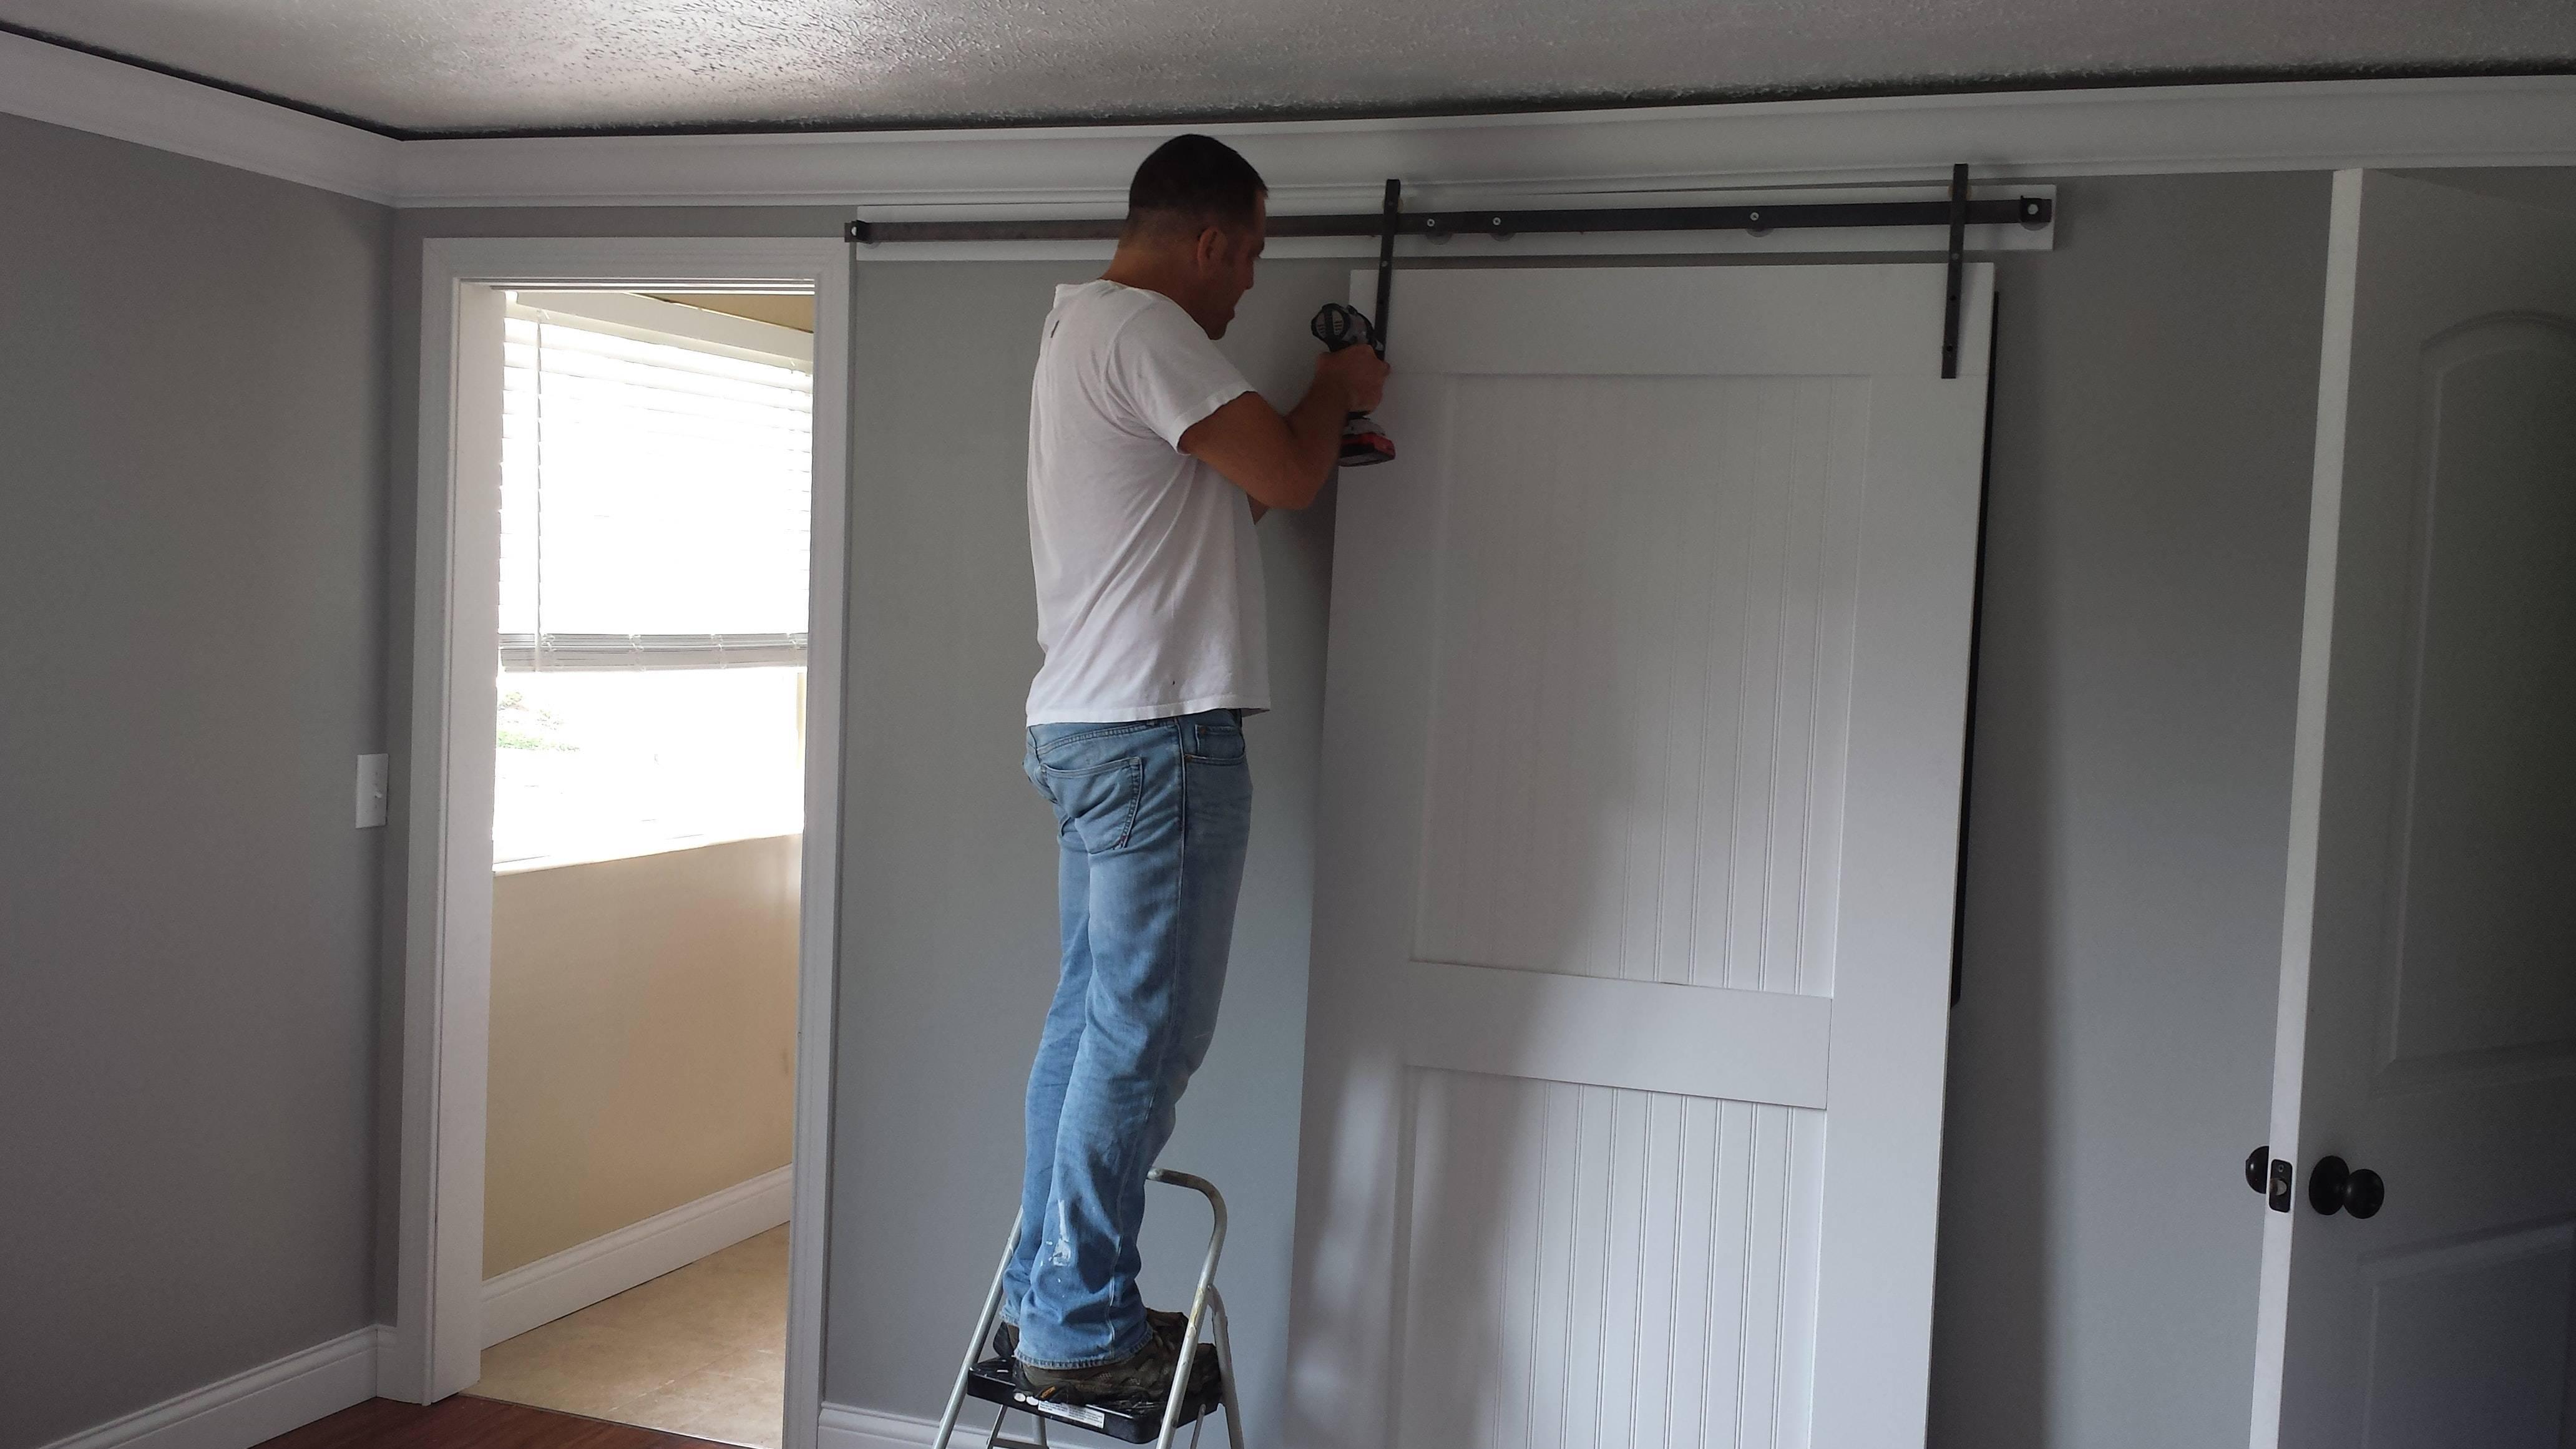 Установка раздвижных межкомнатных дверей своими руками — видео инструкция